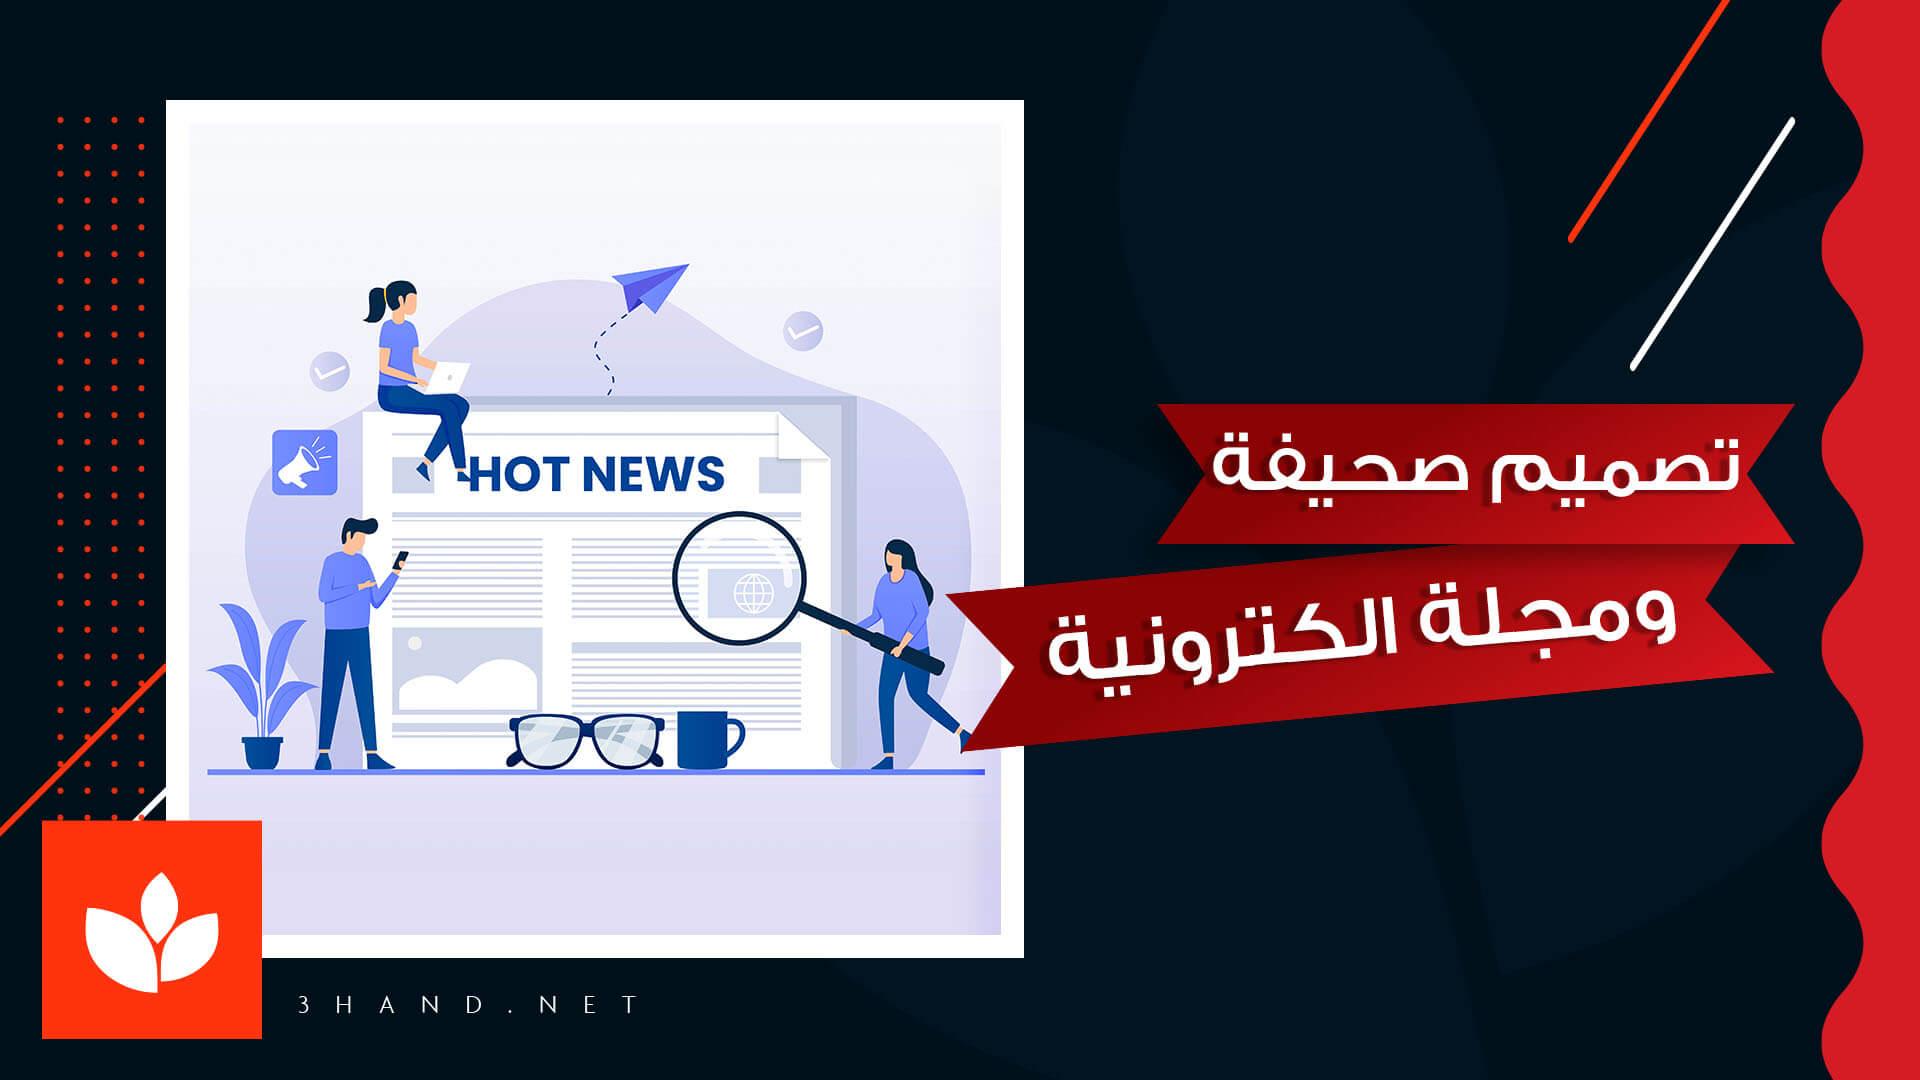 تصميم صحيفة ومجلة الكترونية